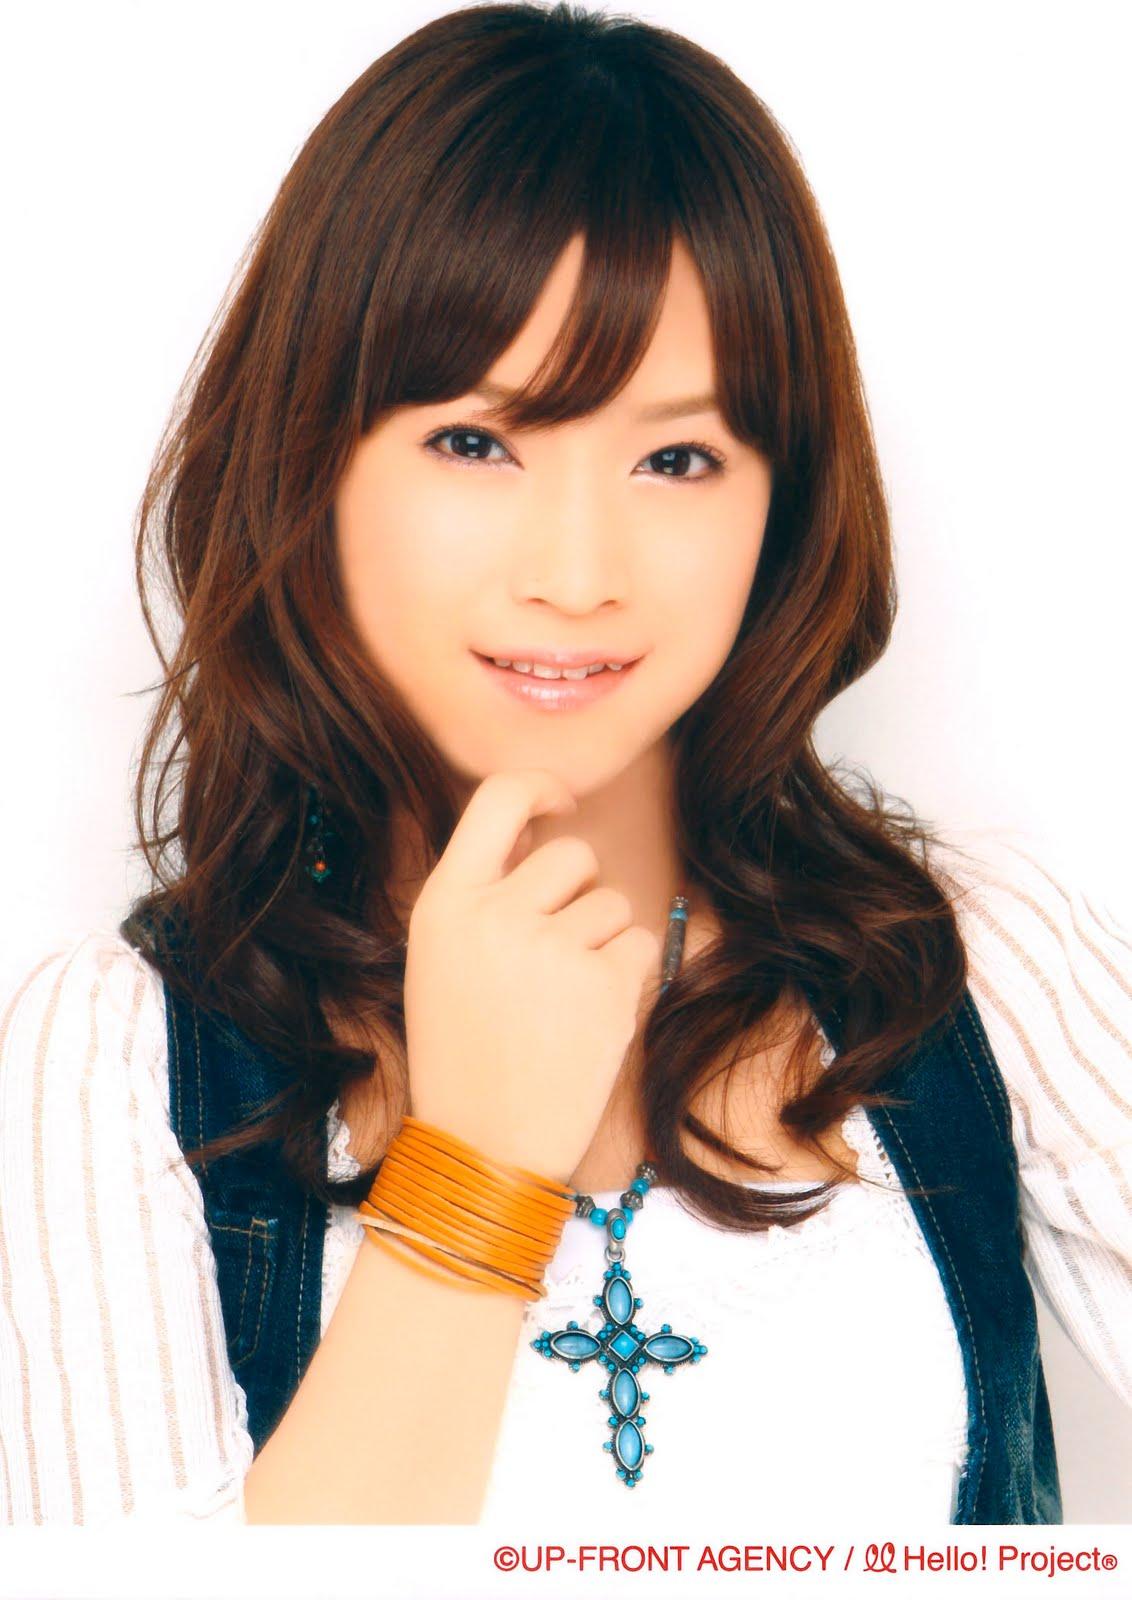 http://4.bp.blogspot.com/_hBv0I8vGiaU/TTazUyEQFfI/AAAAAAAAFzU/wOhAkdd0C2Y/s1600/eri_kamei.jpg